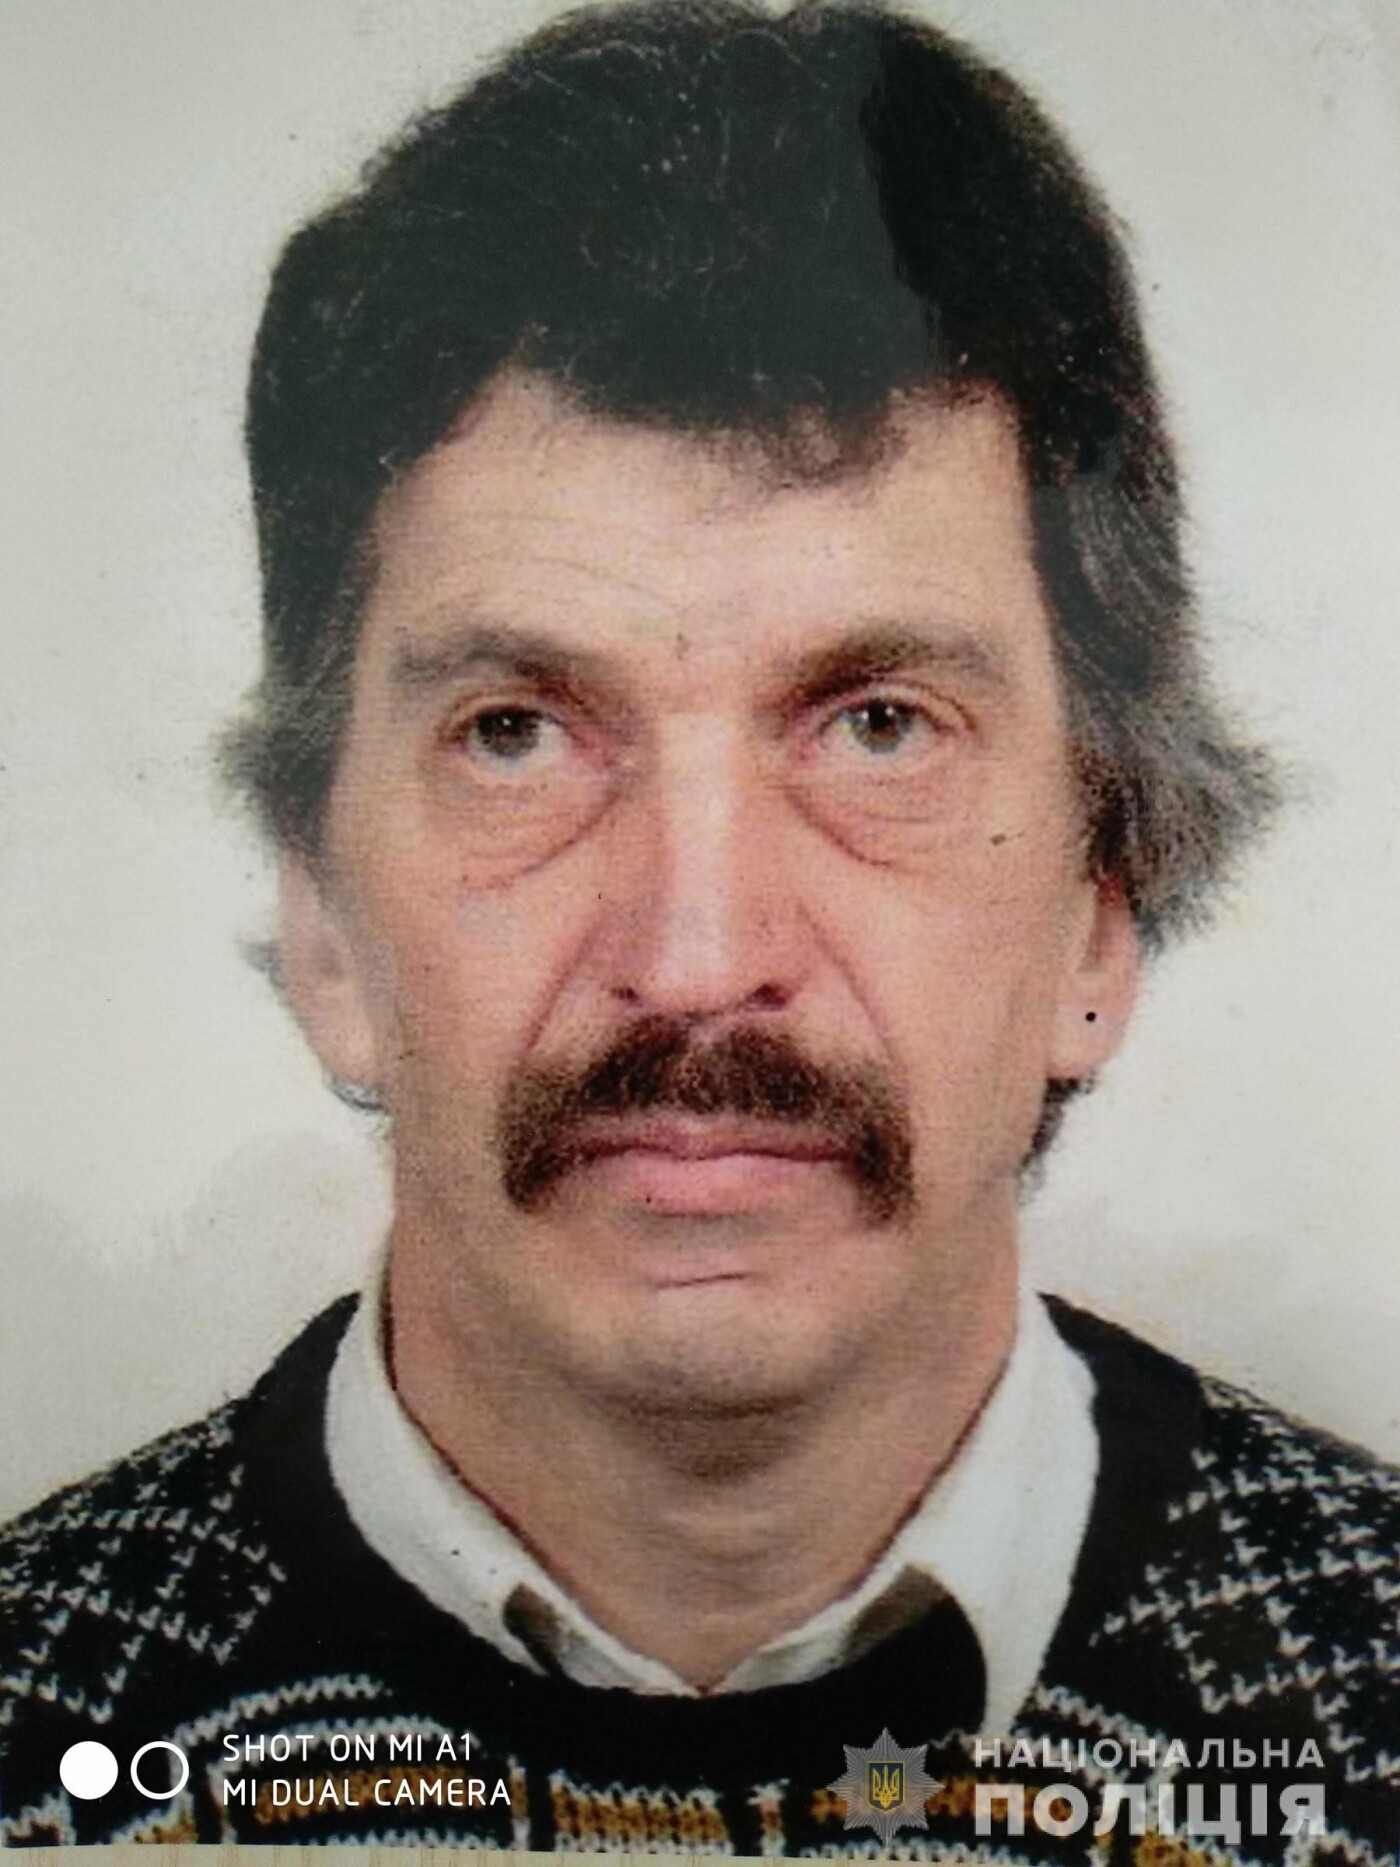 В Днепропетровской области пропал пенсионер: помогите найти мужчину, - ФОТО, фото-1